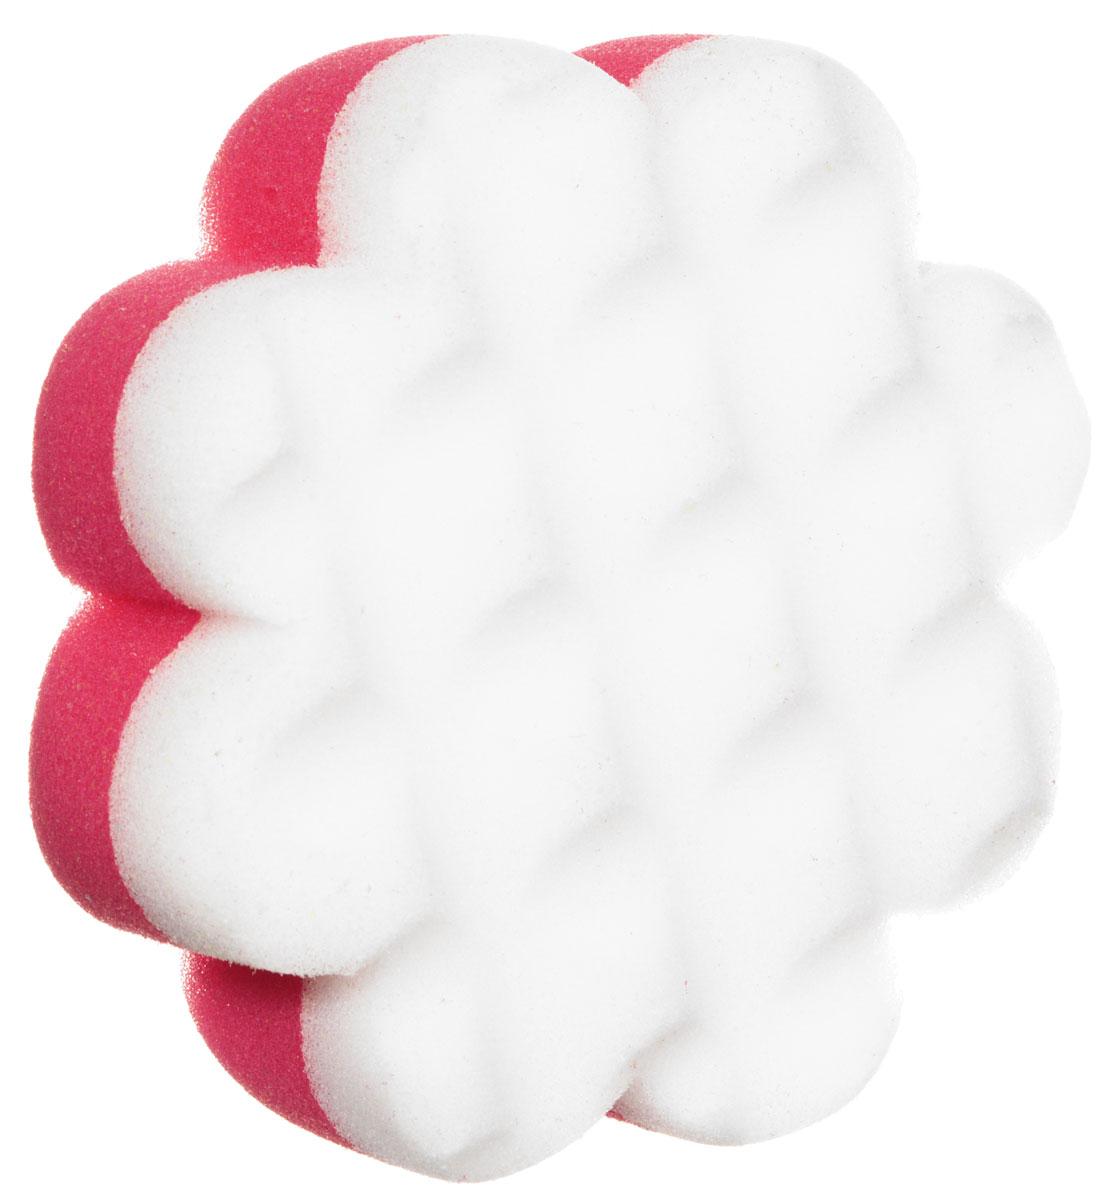 Курносики Мочалка с массажным слоем Цветок цвет розовый белый40505_розовый, цветокМочалка Курносики в форме цветка обеспечивает мягкий уход за кожей малыша при купании и отлично взбивает мыльную пену. Детская мочалка имеет форму, комфортную для рук, а также массажный слой, помогающий удалять загрязнения. Такая мочалка поможет вам провести купание малыша мягко и комфортно.Мочалка с массажным слоем Курносики прослужит вам длительно, радуя вас и вашего малыша.